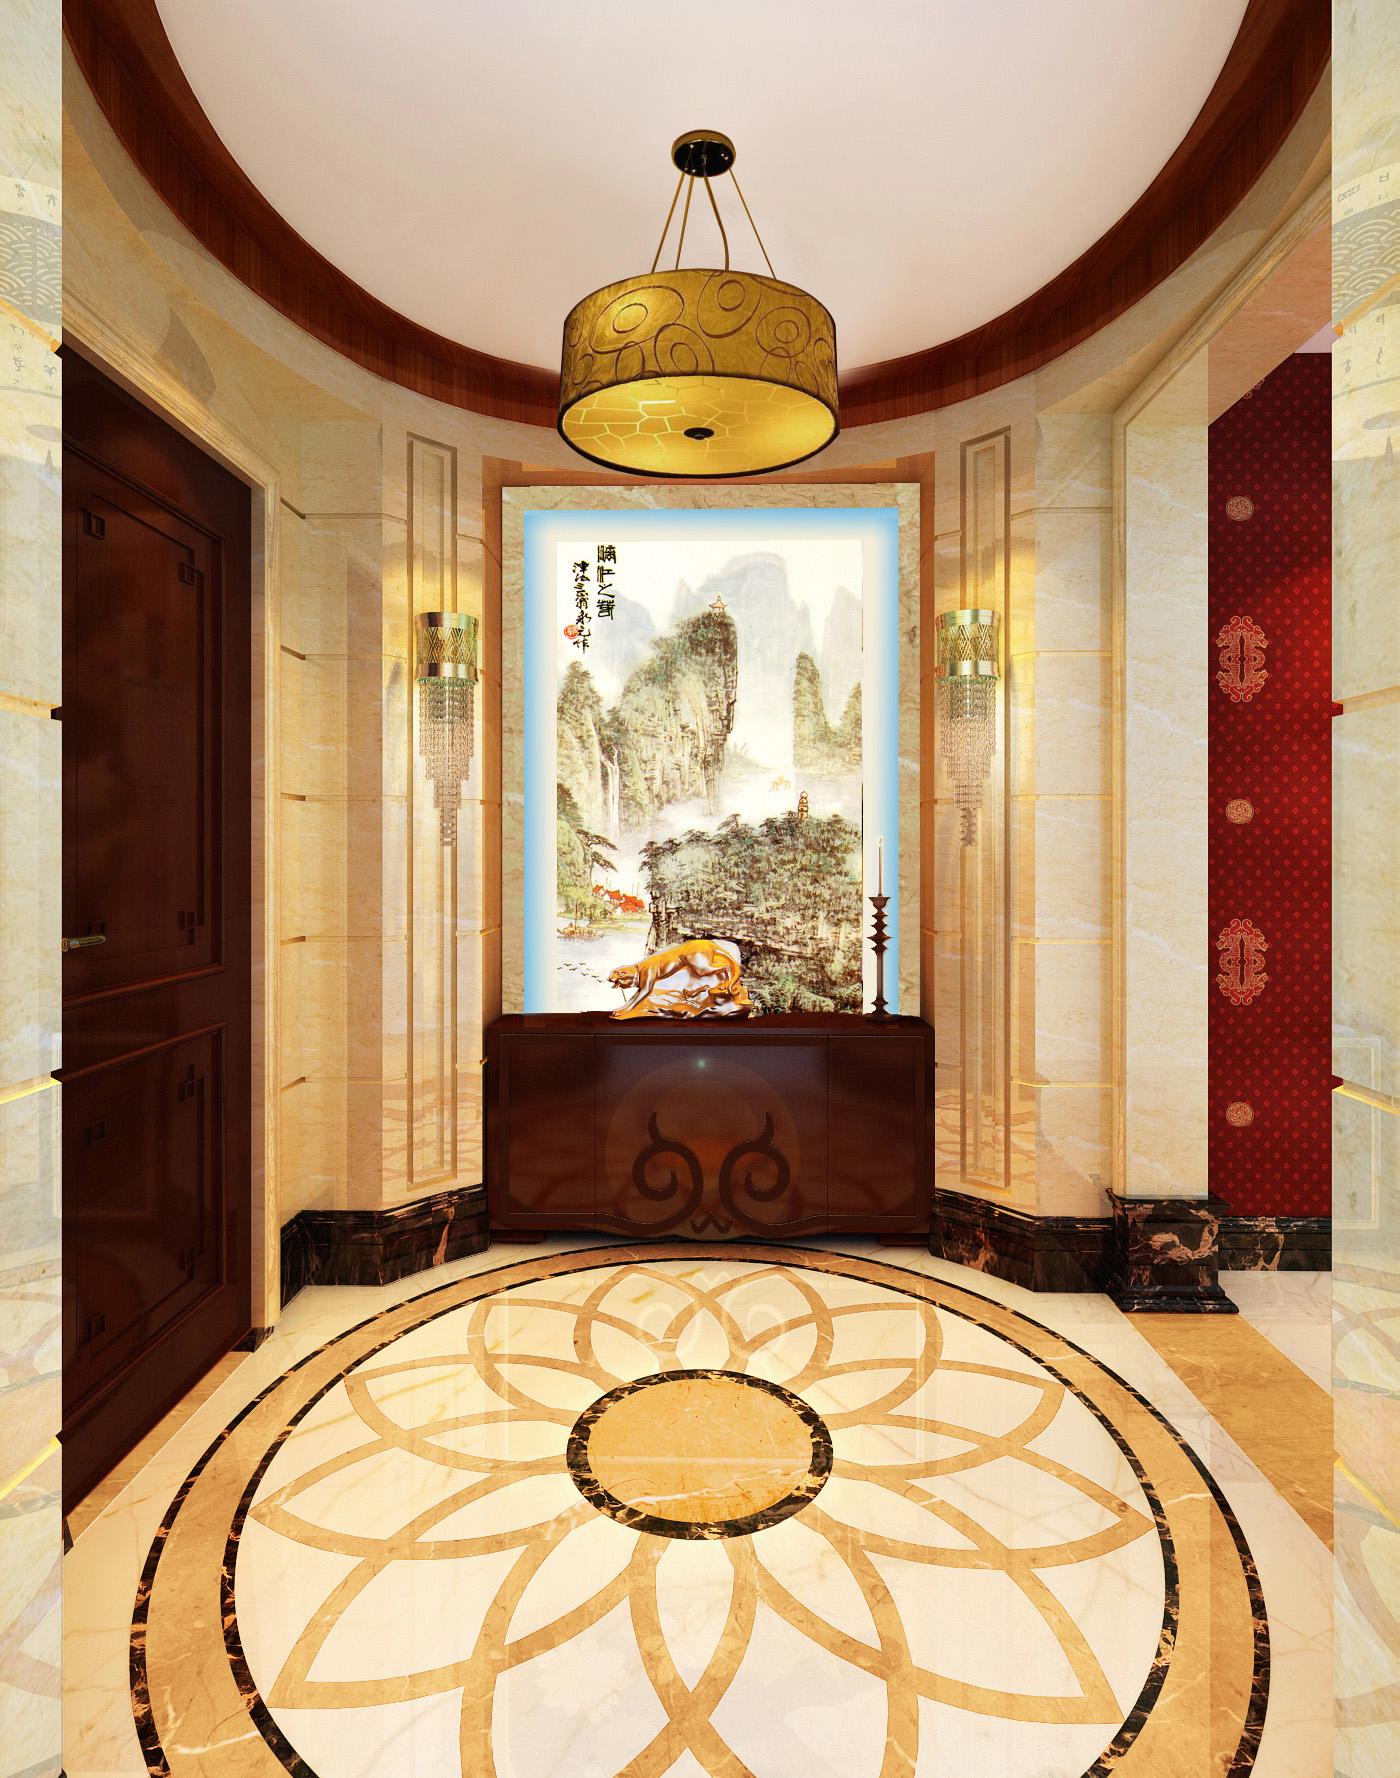 新中式 复式 玄关图片来自北京今朝装饰刘在东晶国际公寓新中式装饰设计的分享